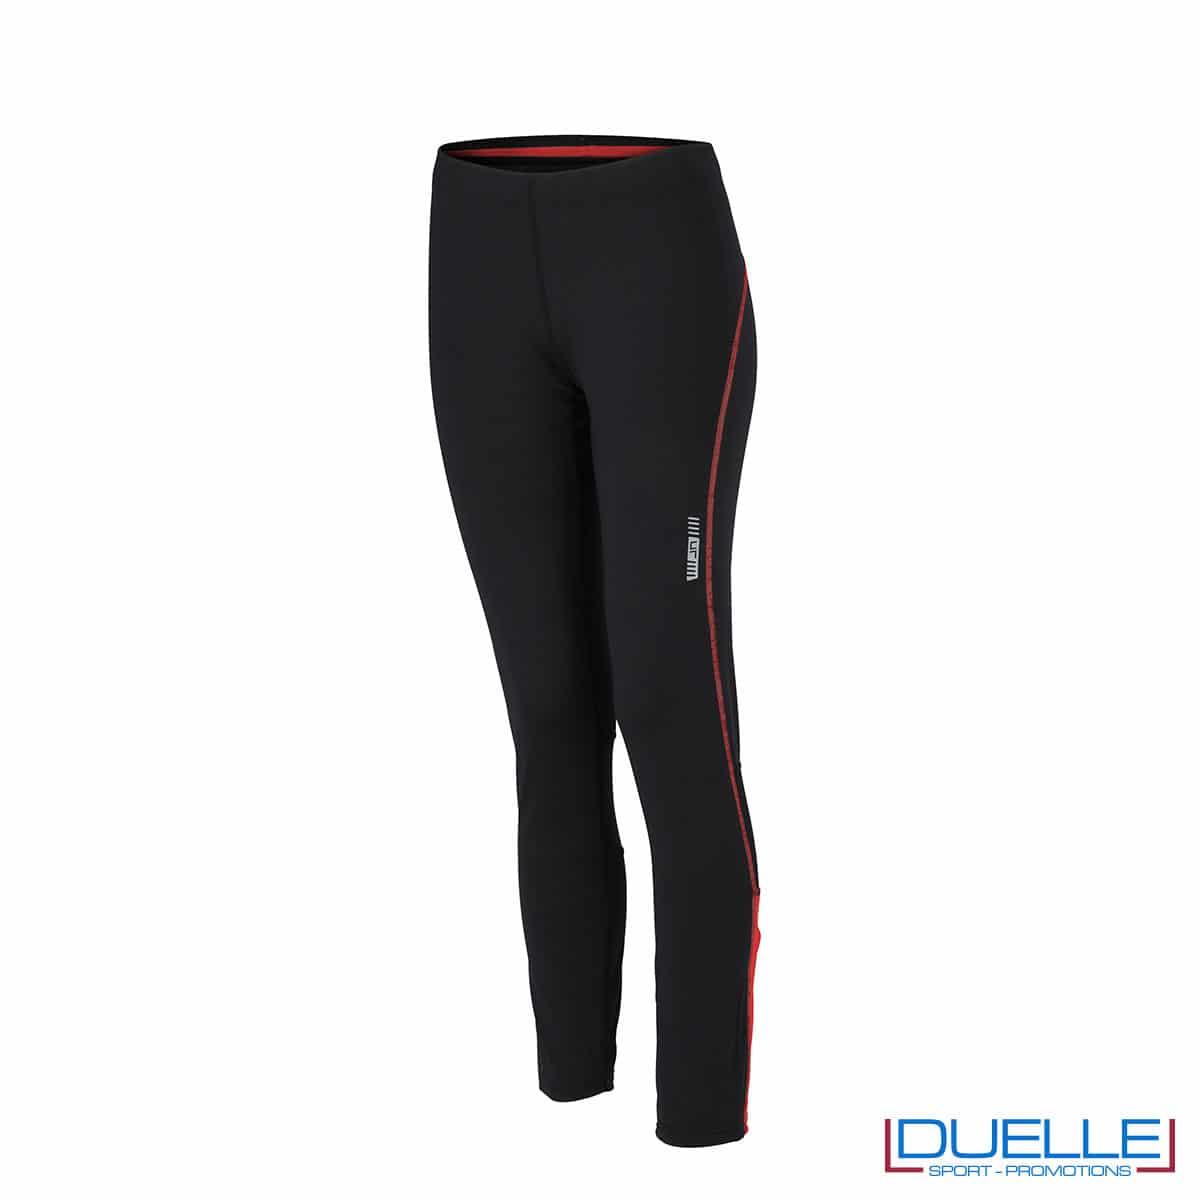 Pantaloni corsa donna nero/rosso personalizzati